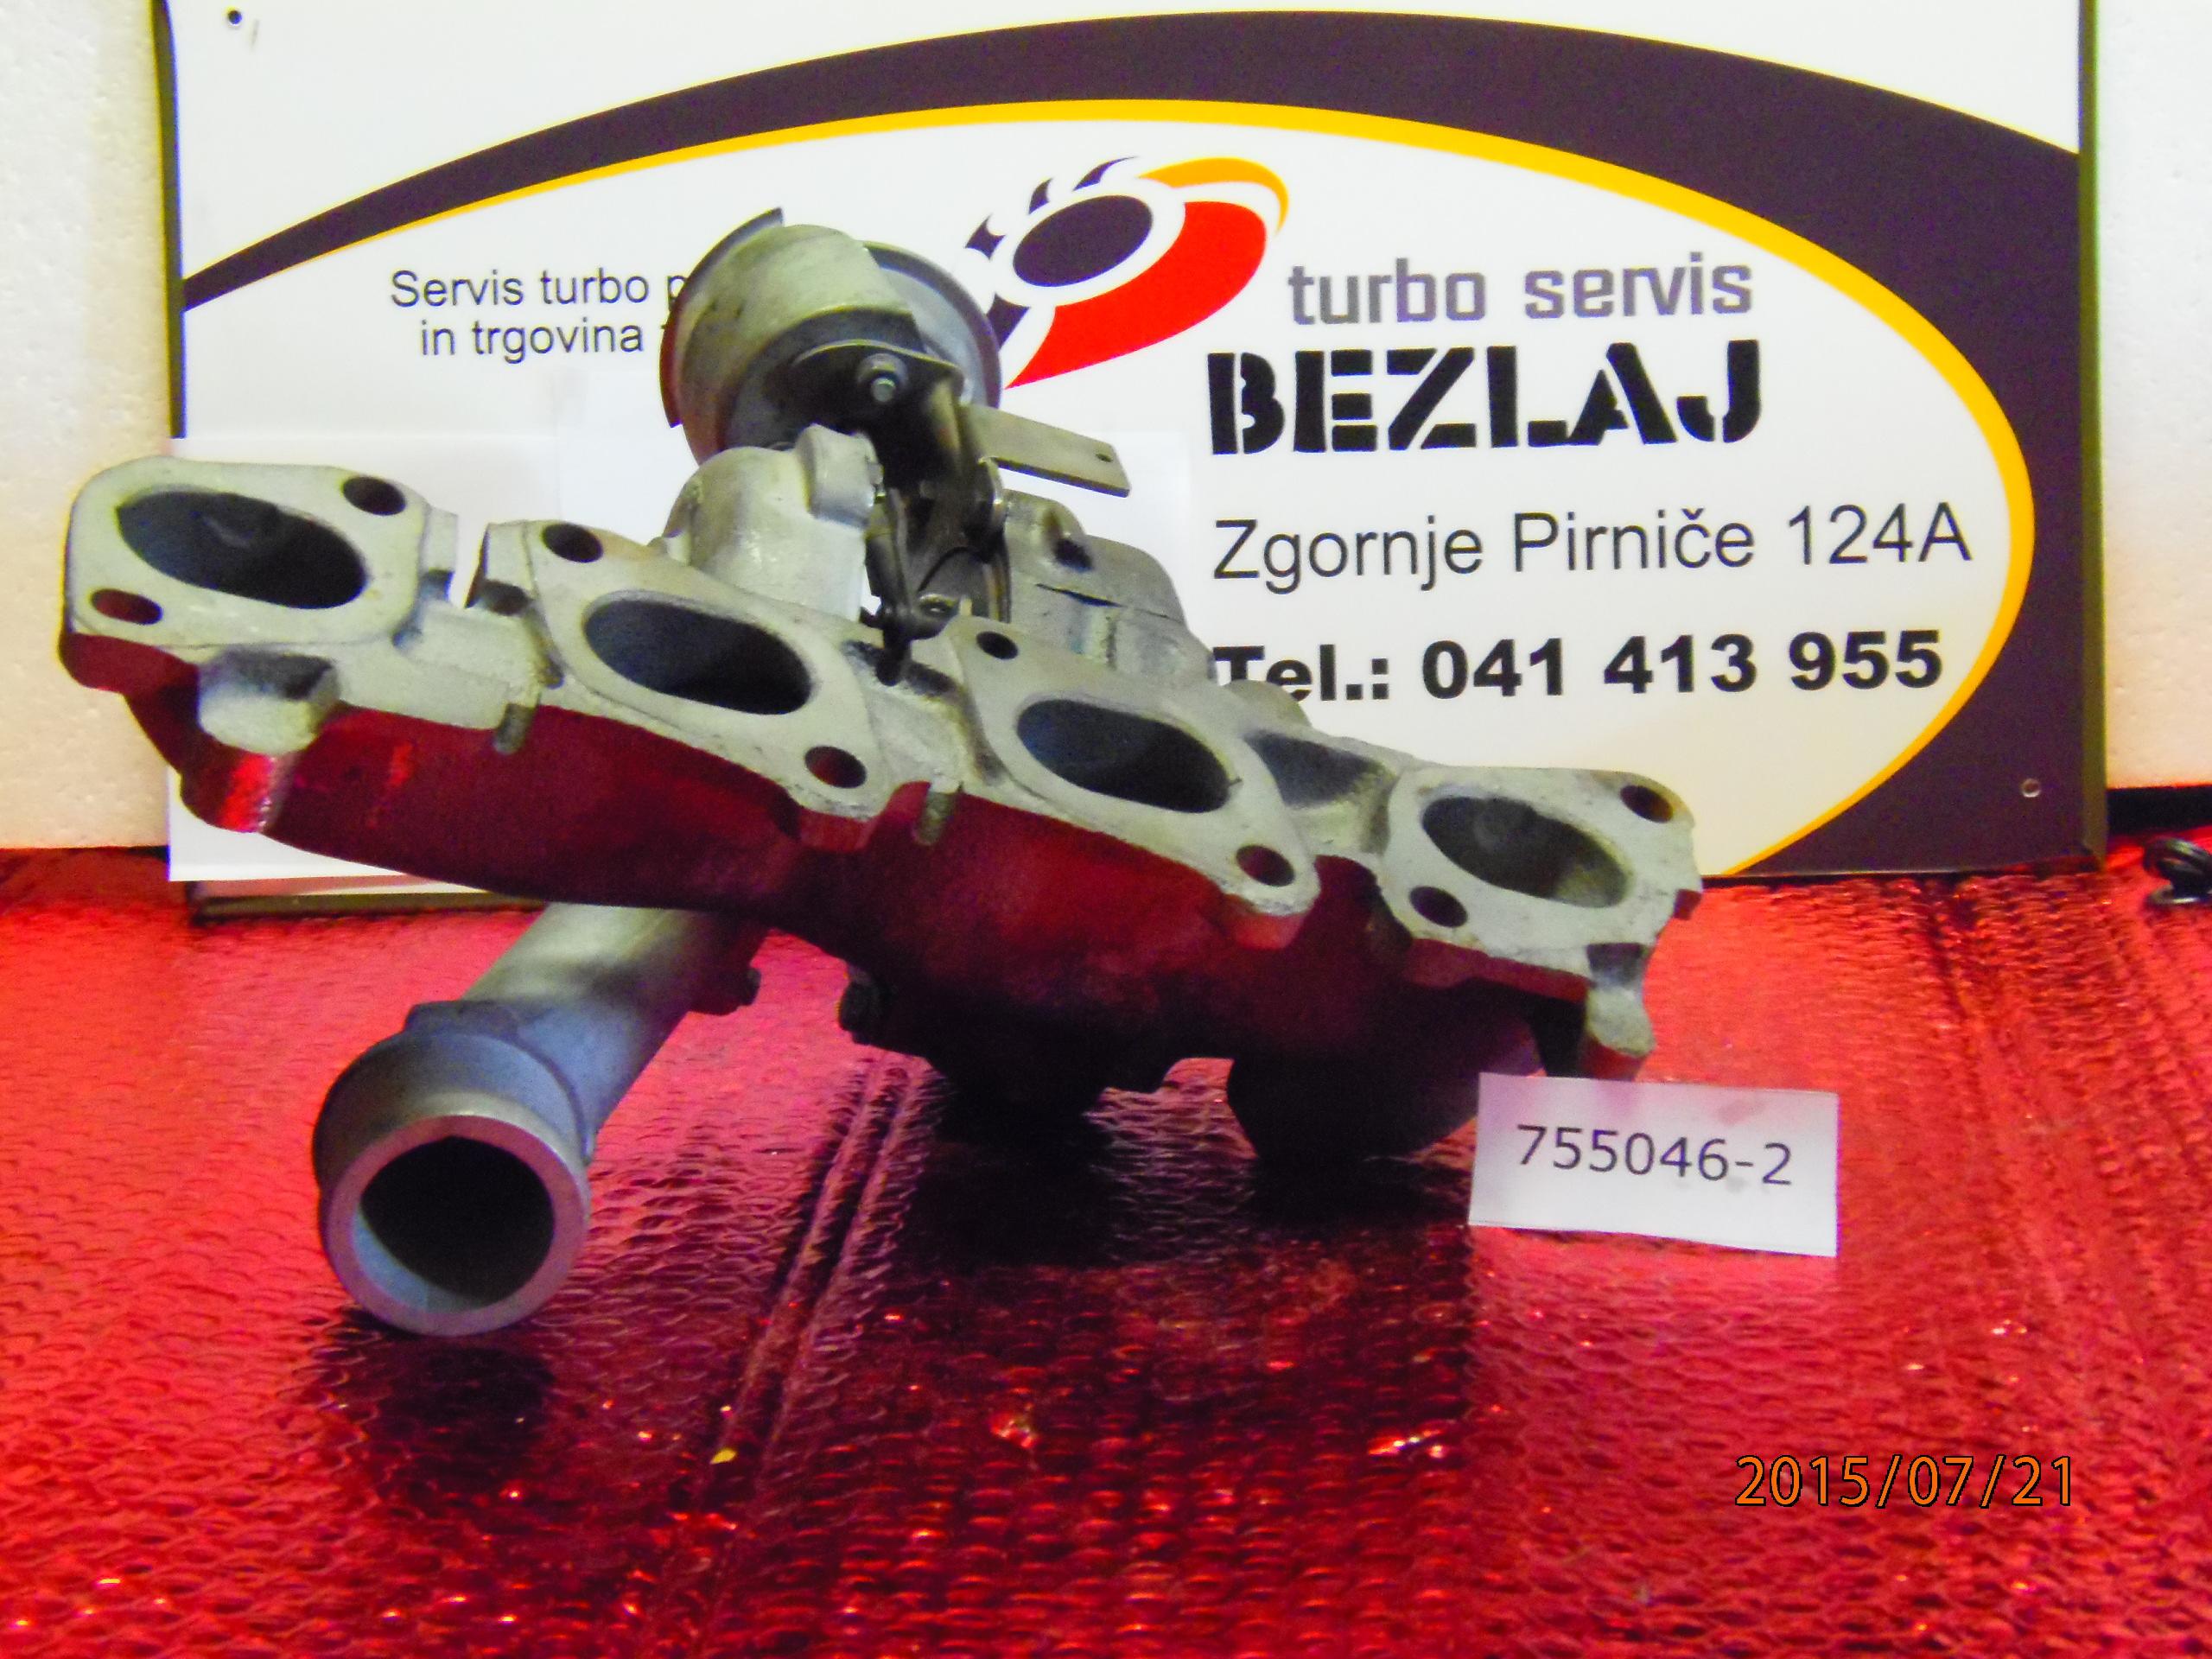 turbo755046-2 (2)